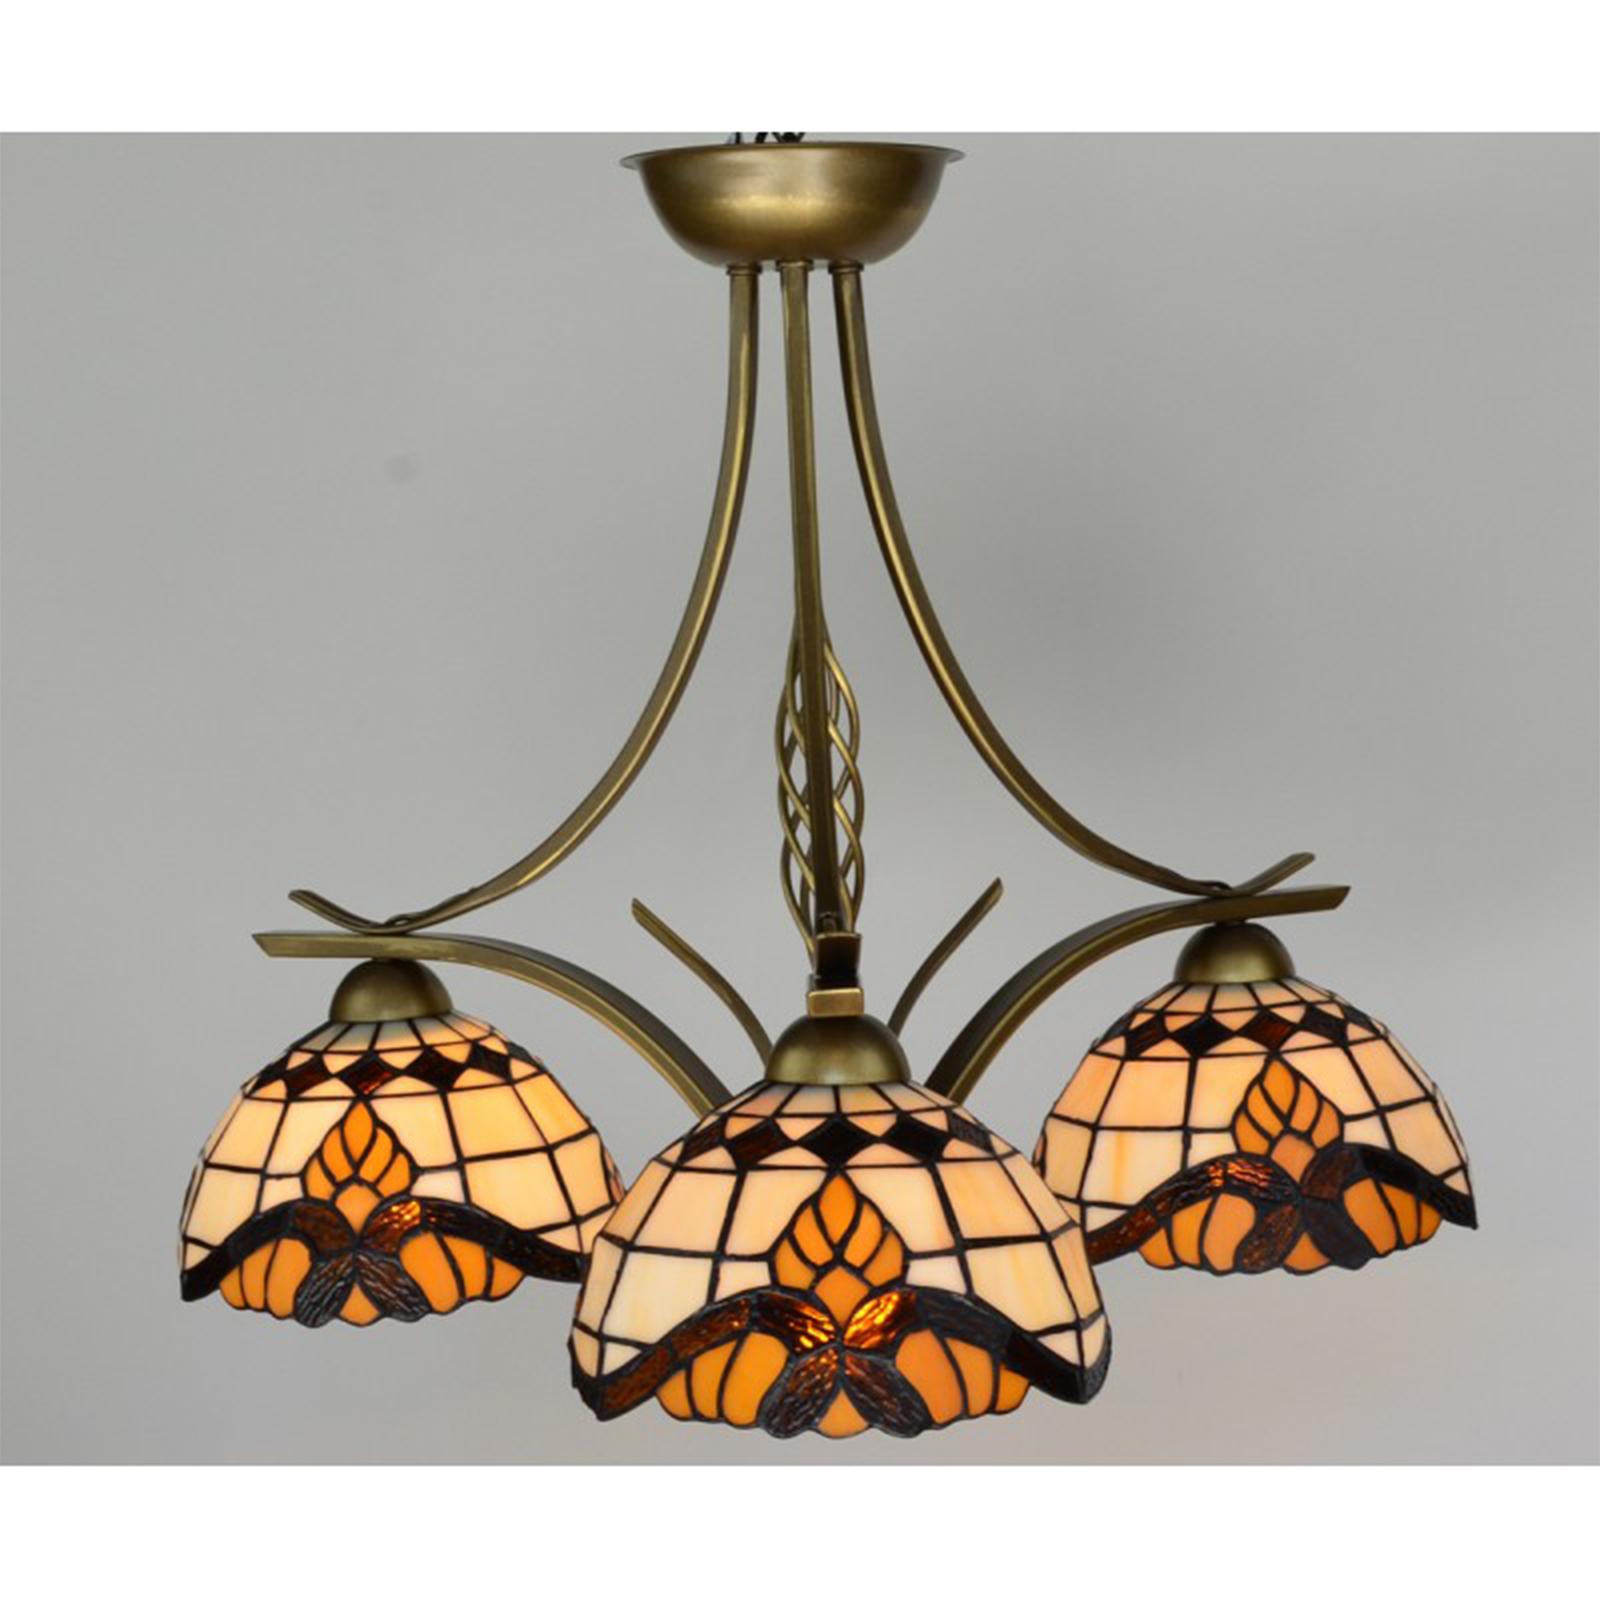 deckenlampe im tiffany stil klassik barock 3 flammige leuchte g nstig kaufen. Black Bedroom Furniture Sets. Home Design Ideas